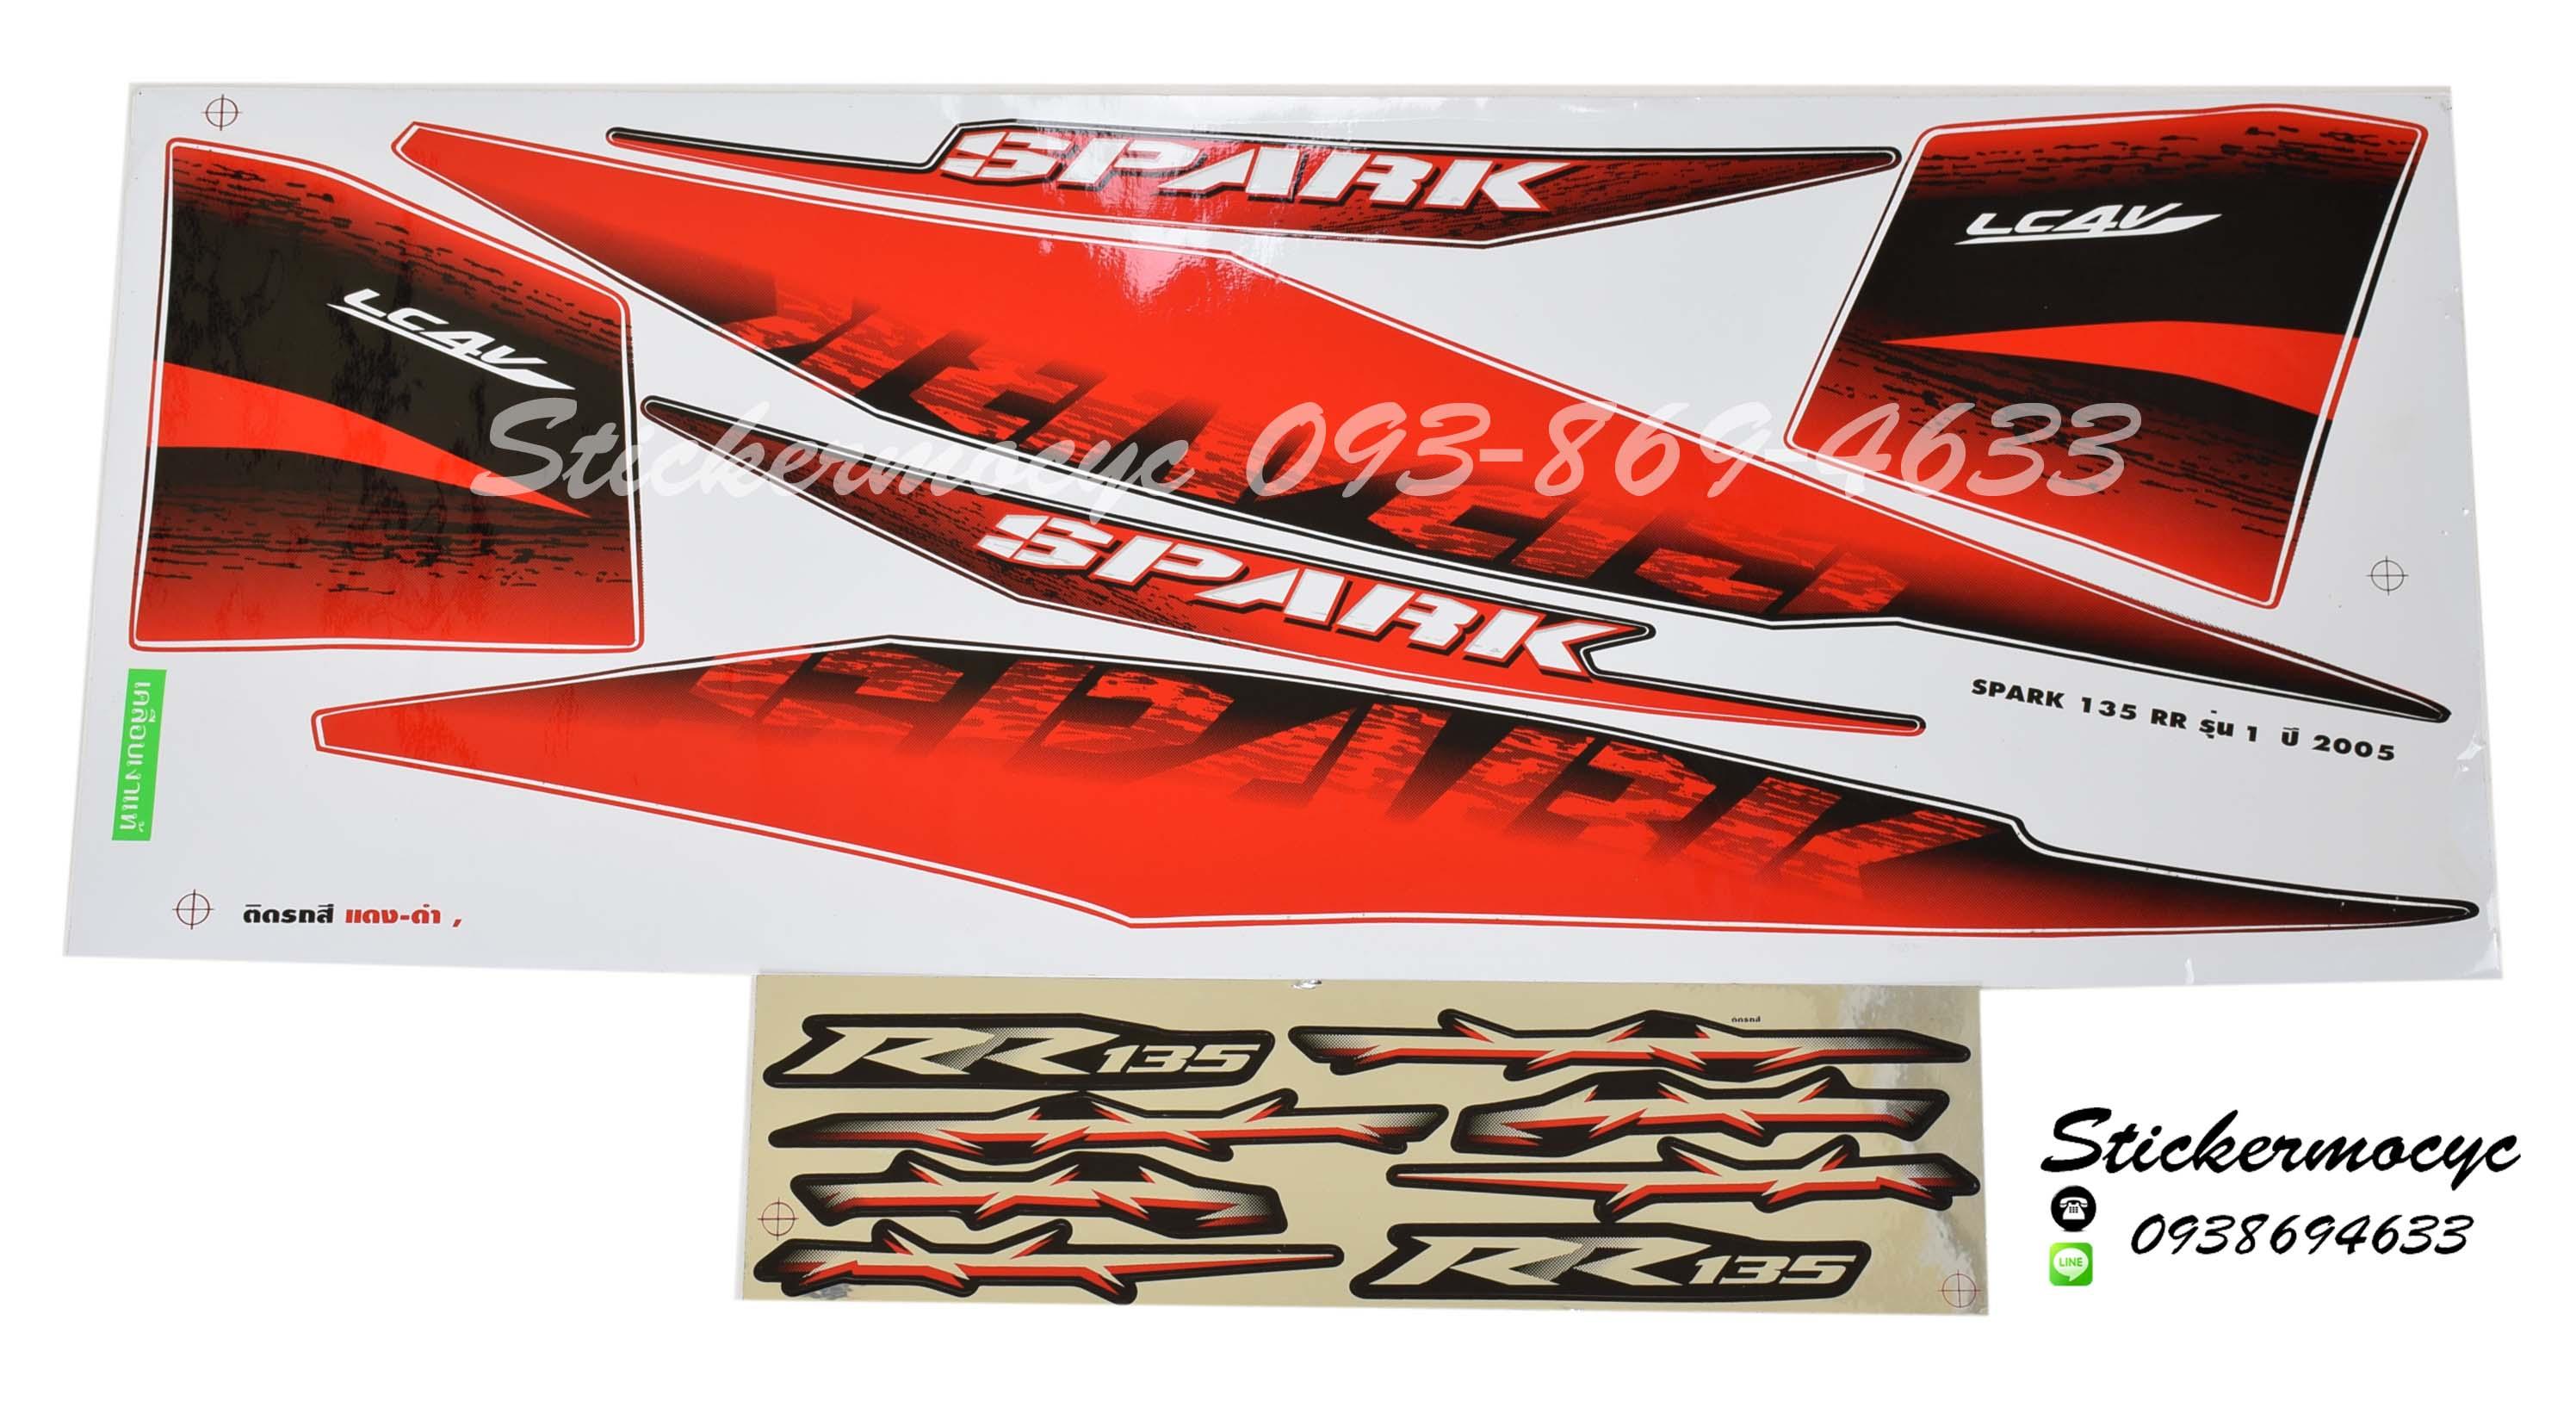 สติ๊กเกอร์ติดรถมอเตอร์ไซค์ Yamaha Spark 135 ปี 2005 รุ่น 1 RR ติดรถสี แดง ดำ (เคลือบเงา)